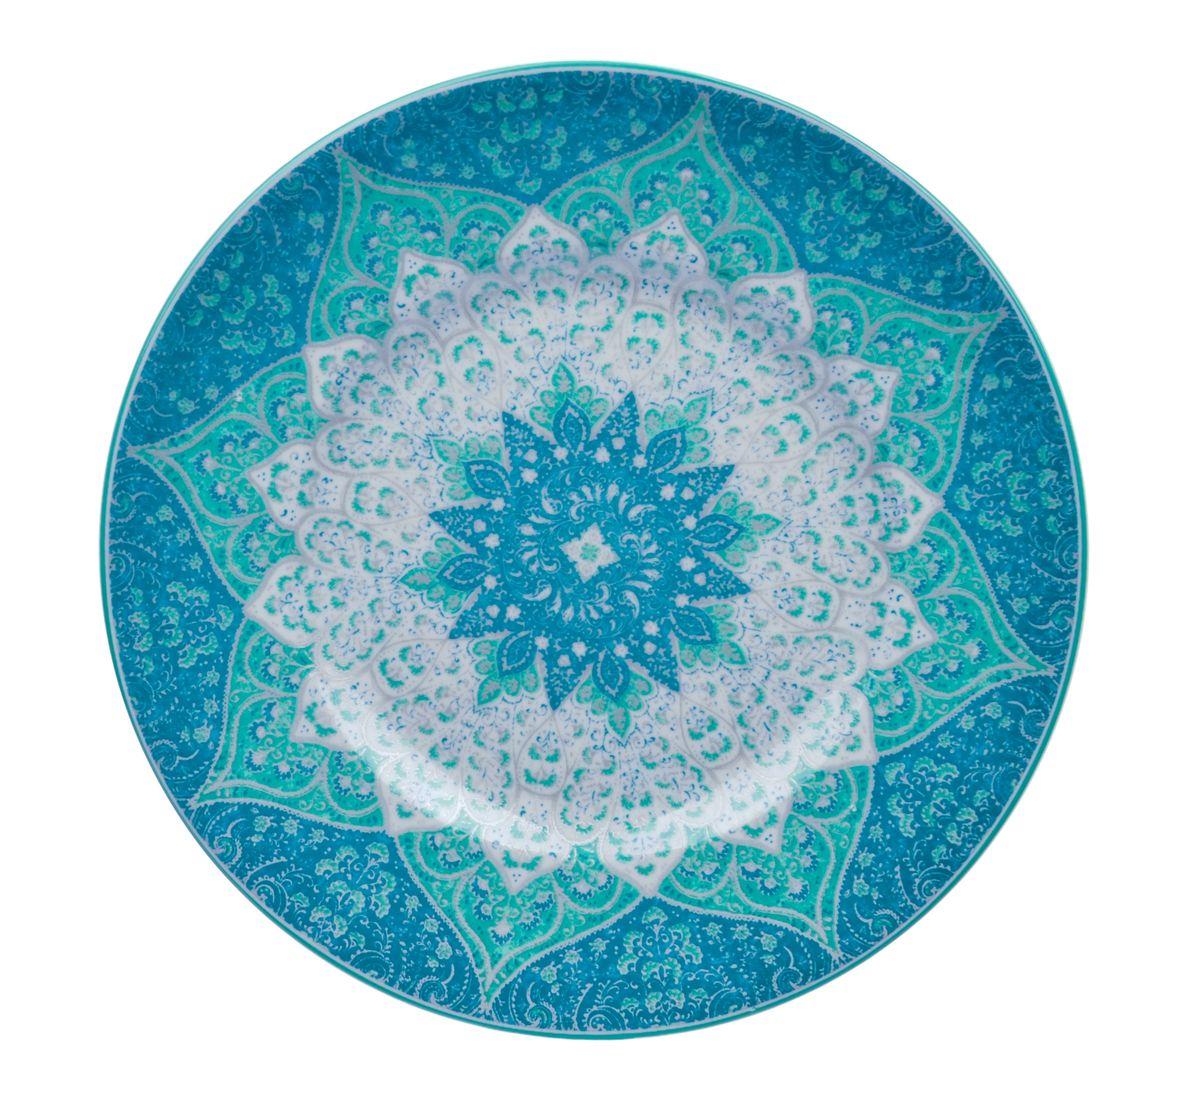 Тарелка обеденная Utana Кашан Блю, диаметр 27 смUTKB94110Тарелка обеденная Utana Кашан Блю изготовлена из высококачественной керамики. Предназначена для красивой подачи различных блюд. Изделие декорировано ярким рисунком. Такая тарелка украсит сервировку стола и подчеркнет прекрасный вкус хозяйки. Можно мыть в посудомоечной машине и использовать в СВЧ. Диаметр: 27 см. Высота: 2,5 см.